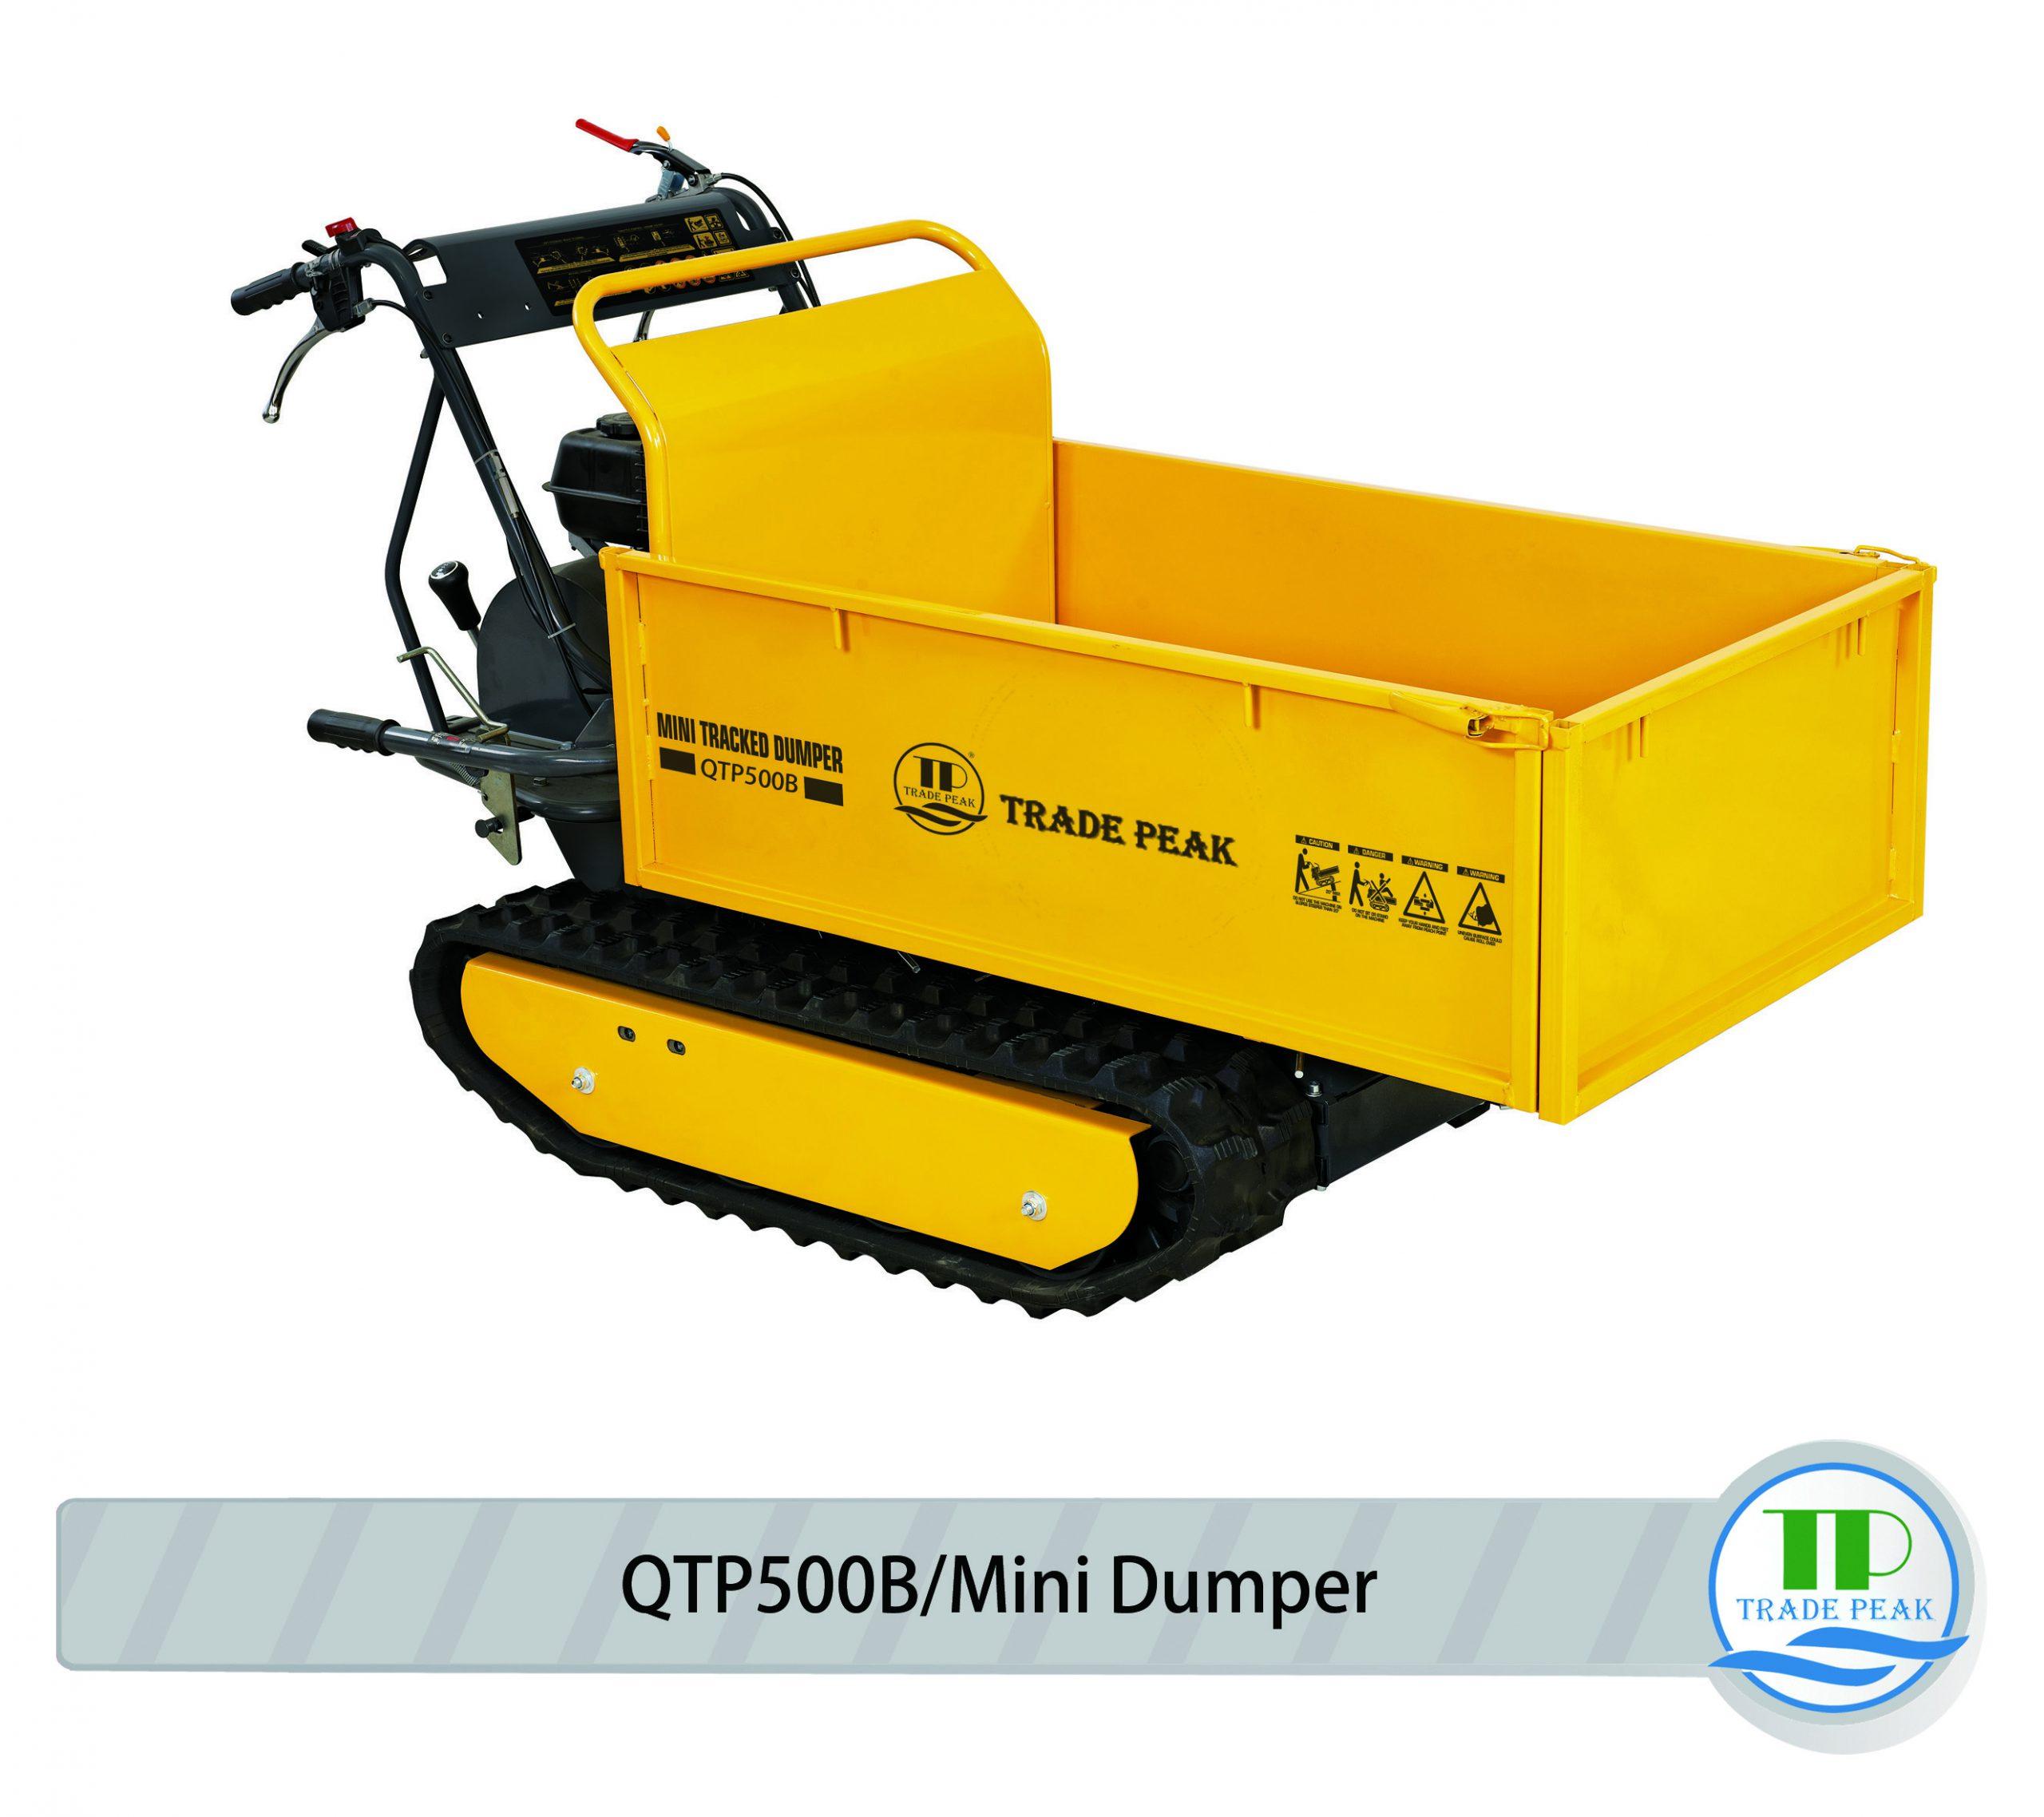 tradepeak mini dumper